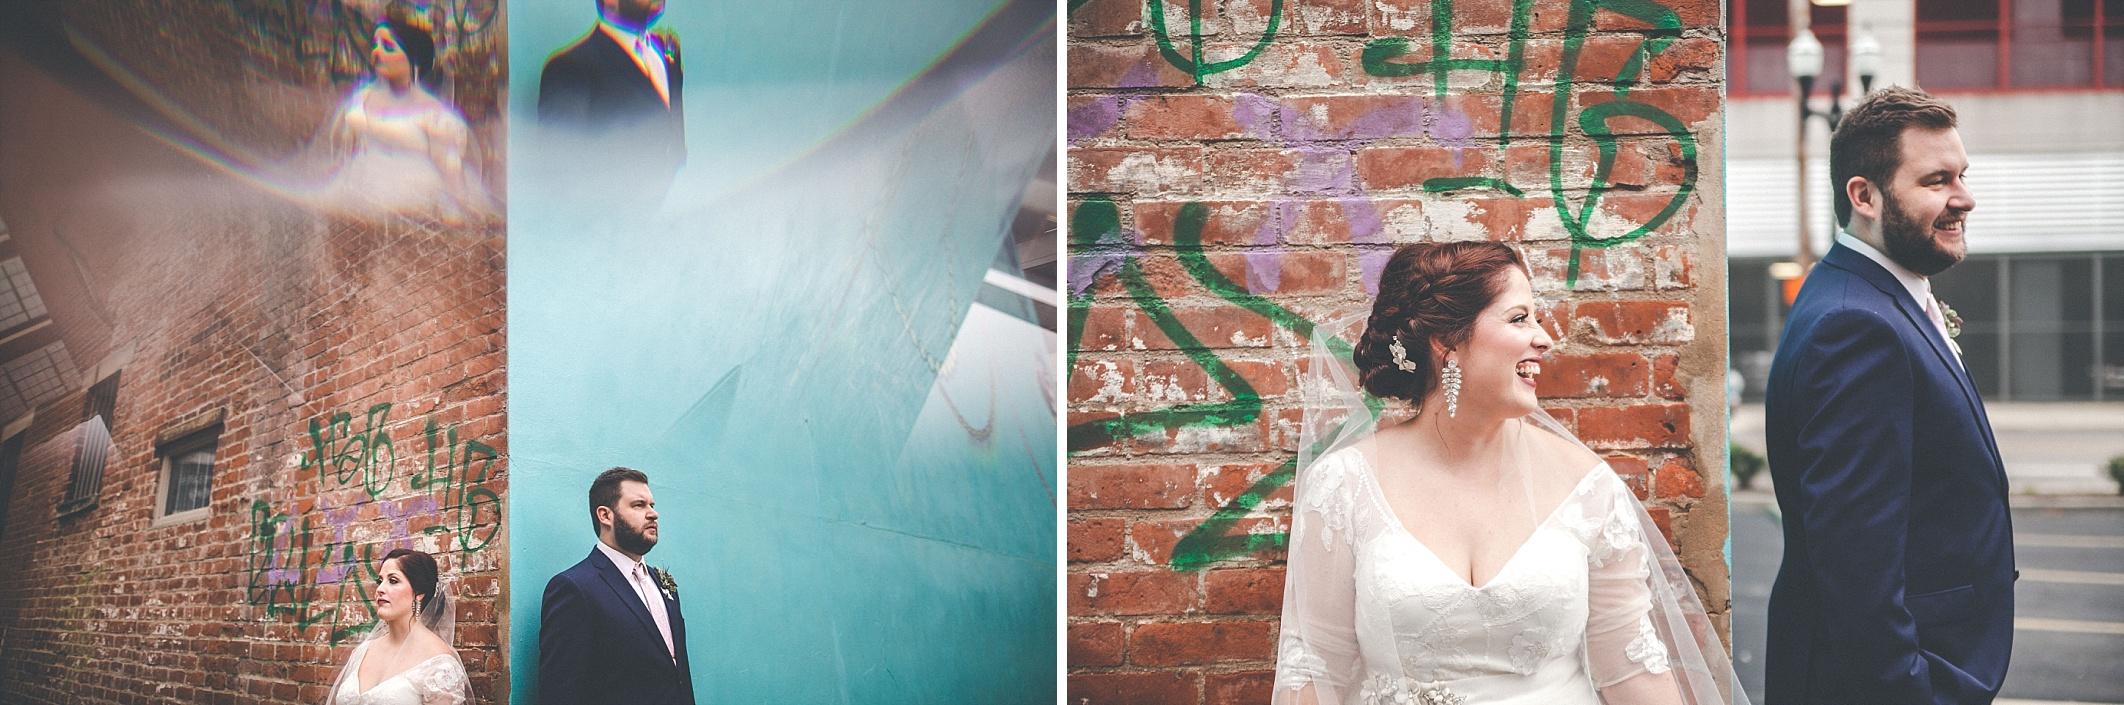 hilary-aaron-cincinnati-trancept-wedding-photographer-dayton-ohio_0020.jpg